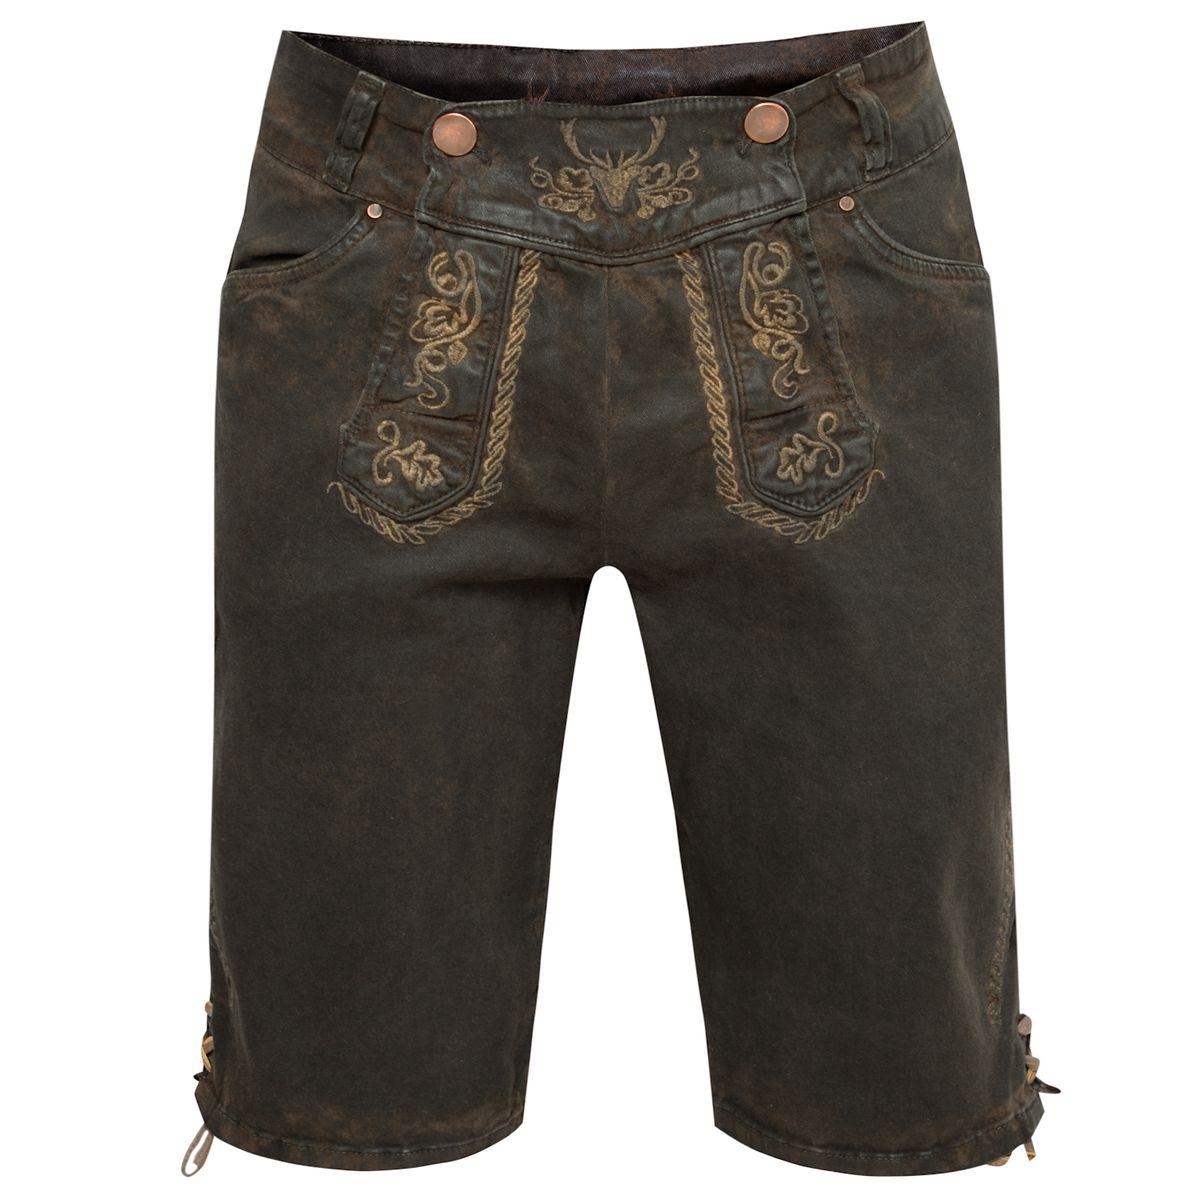 Jeans-Lederhose Martin in Dunkelbraun von Hangowear günstig online kaufen